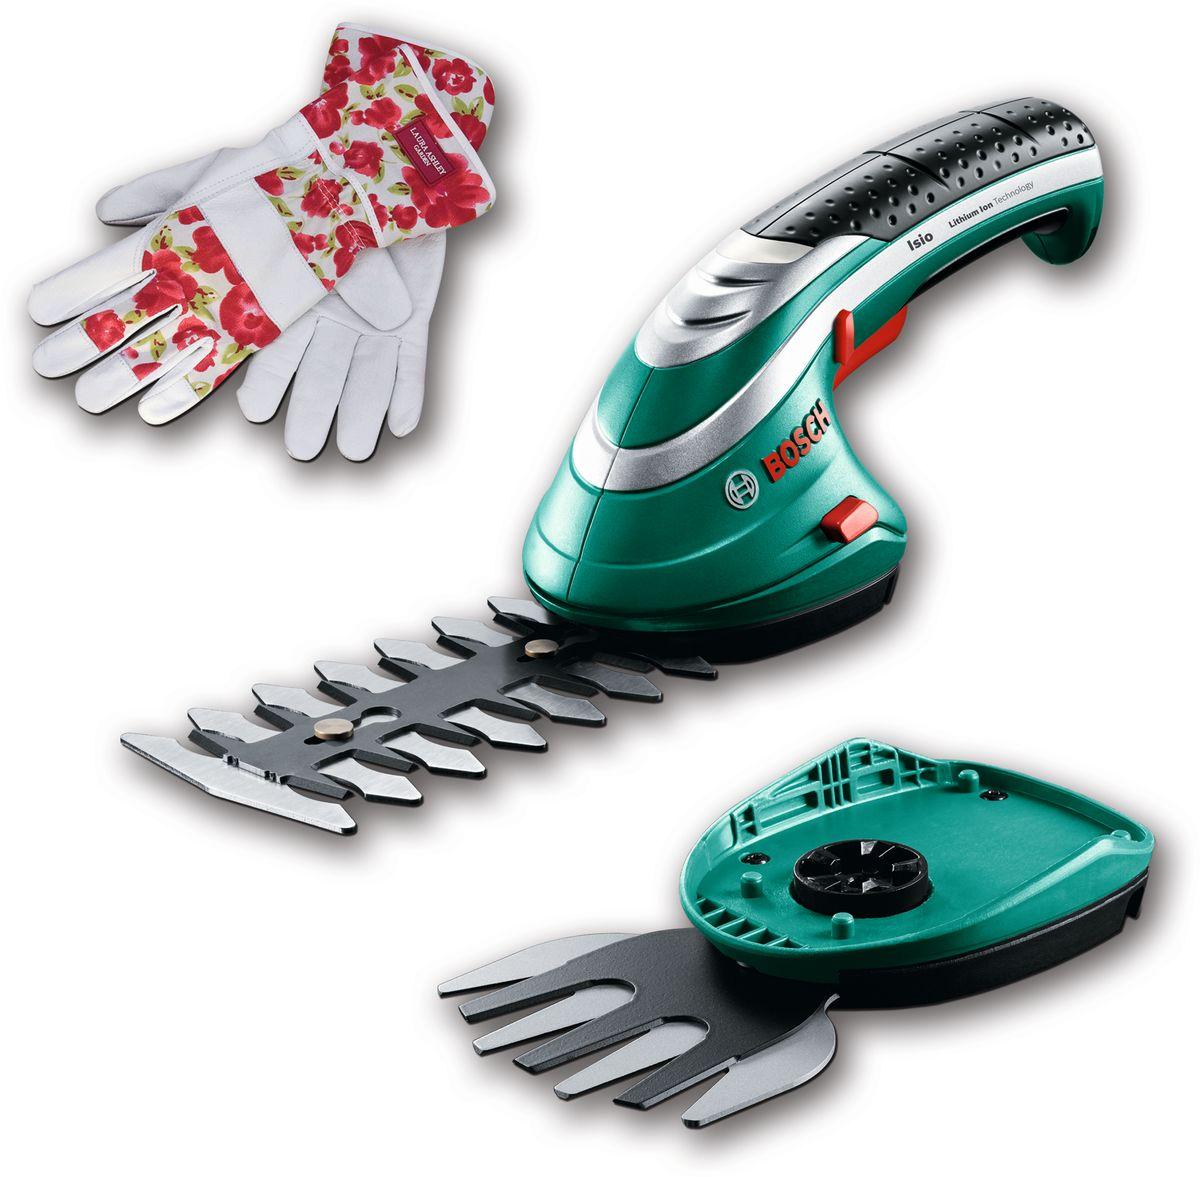 Аккумуляторные ножницы Bosch ISIO 3 для травы и кустов + перчатки Laura Ashley. 060083310M060083310MАккумуляторный легкий инструмент Isio в сочетании с универсальной системой Multi-Click необходим каждому садоводу, которому нужно выполнять работы по обрезке в саду. Литий-ионный аккумулятор 3,6 В (1,5 А/ч) обеспечивает работу до 50 минут, а малый вес позволяет выполнять обрезку и стрижку без усилий. Ножницы для травы оснащены швейцарскими ножами шириной 80 мм, а кусторез – ножами длиной 120 мм. Технические данные: Время зарядки аккумулятора 3,5 ч Индикатор заряда. Удобный 4-ступенчатый светодиодный индикатор заряда Простая замена насадок благодаря системе SDS Комплект поставки: зарядное устройство Нож для травы Multi-Click 8 см (F 016 800 326) Нож для кустореза Multi-Click 12 см (F 016 800 327) Прочные стильные перчатки от дизайнера Laura Ashley